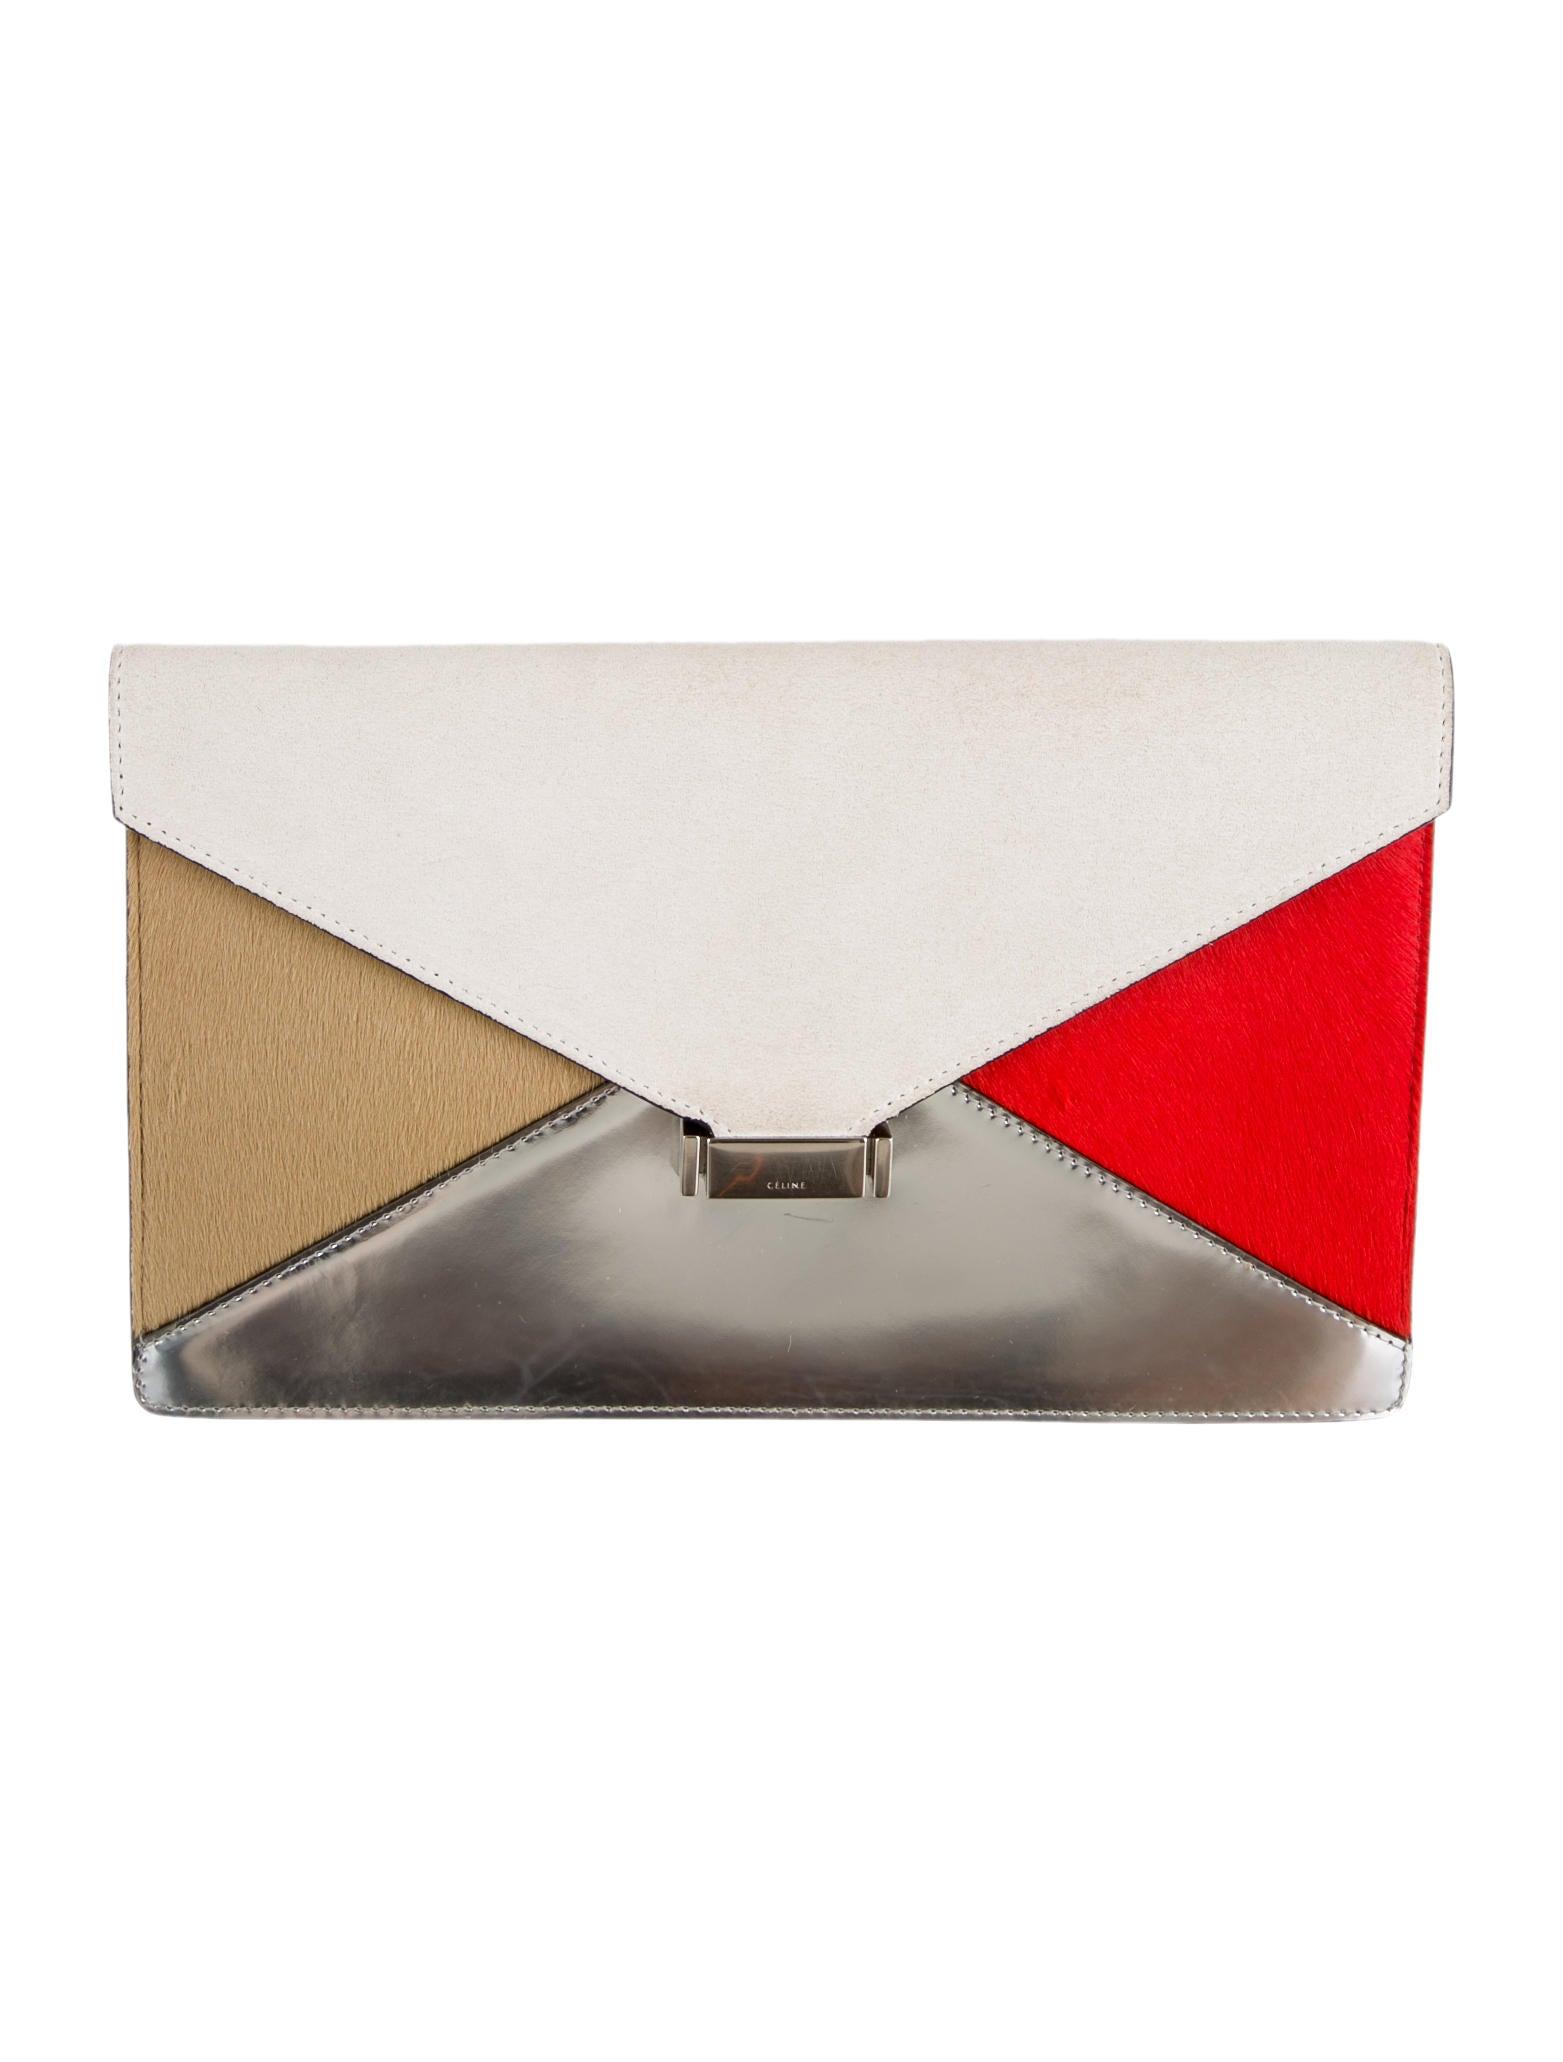 celine totes sale - celine multicolour suede handbag diamond clutch